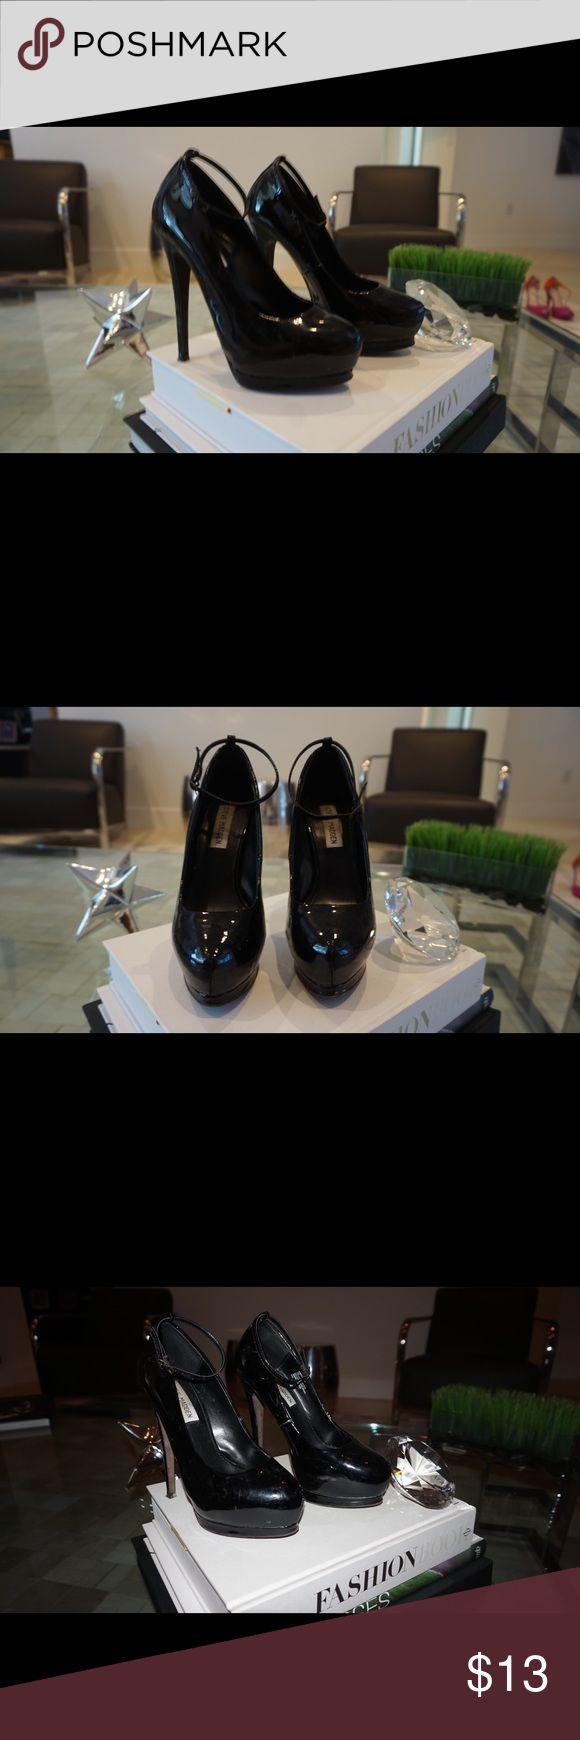 Steve Madden extreme high heel Steve Madden extremely high heel. Steve Madden Shoes Heels